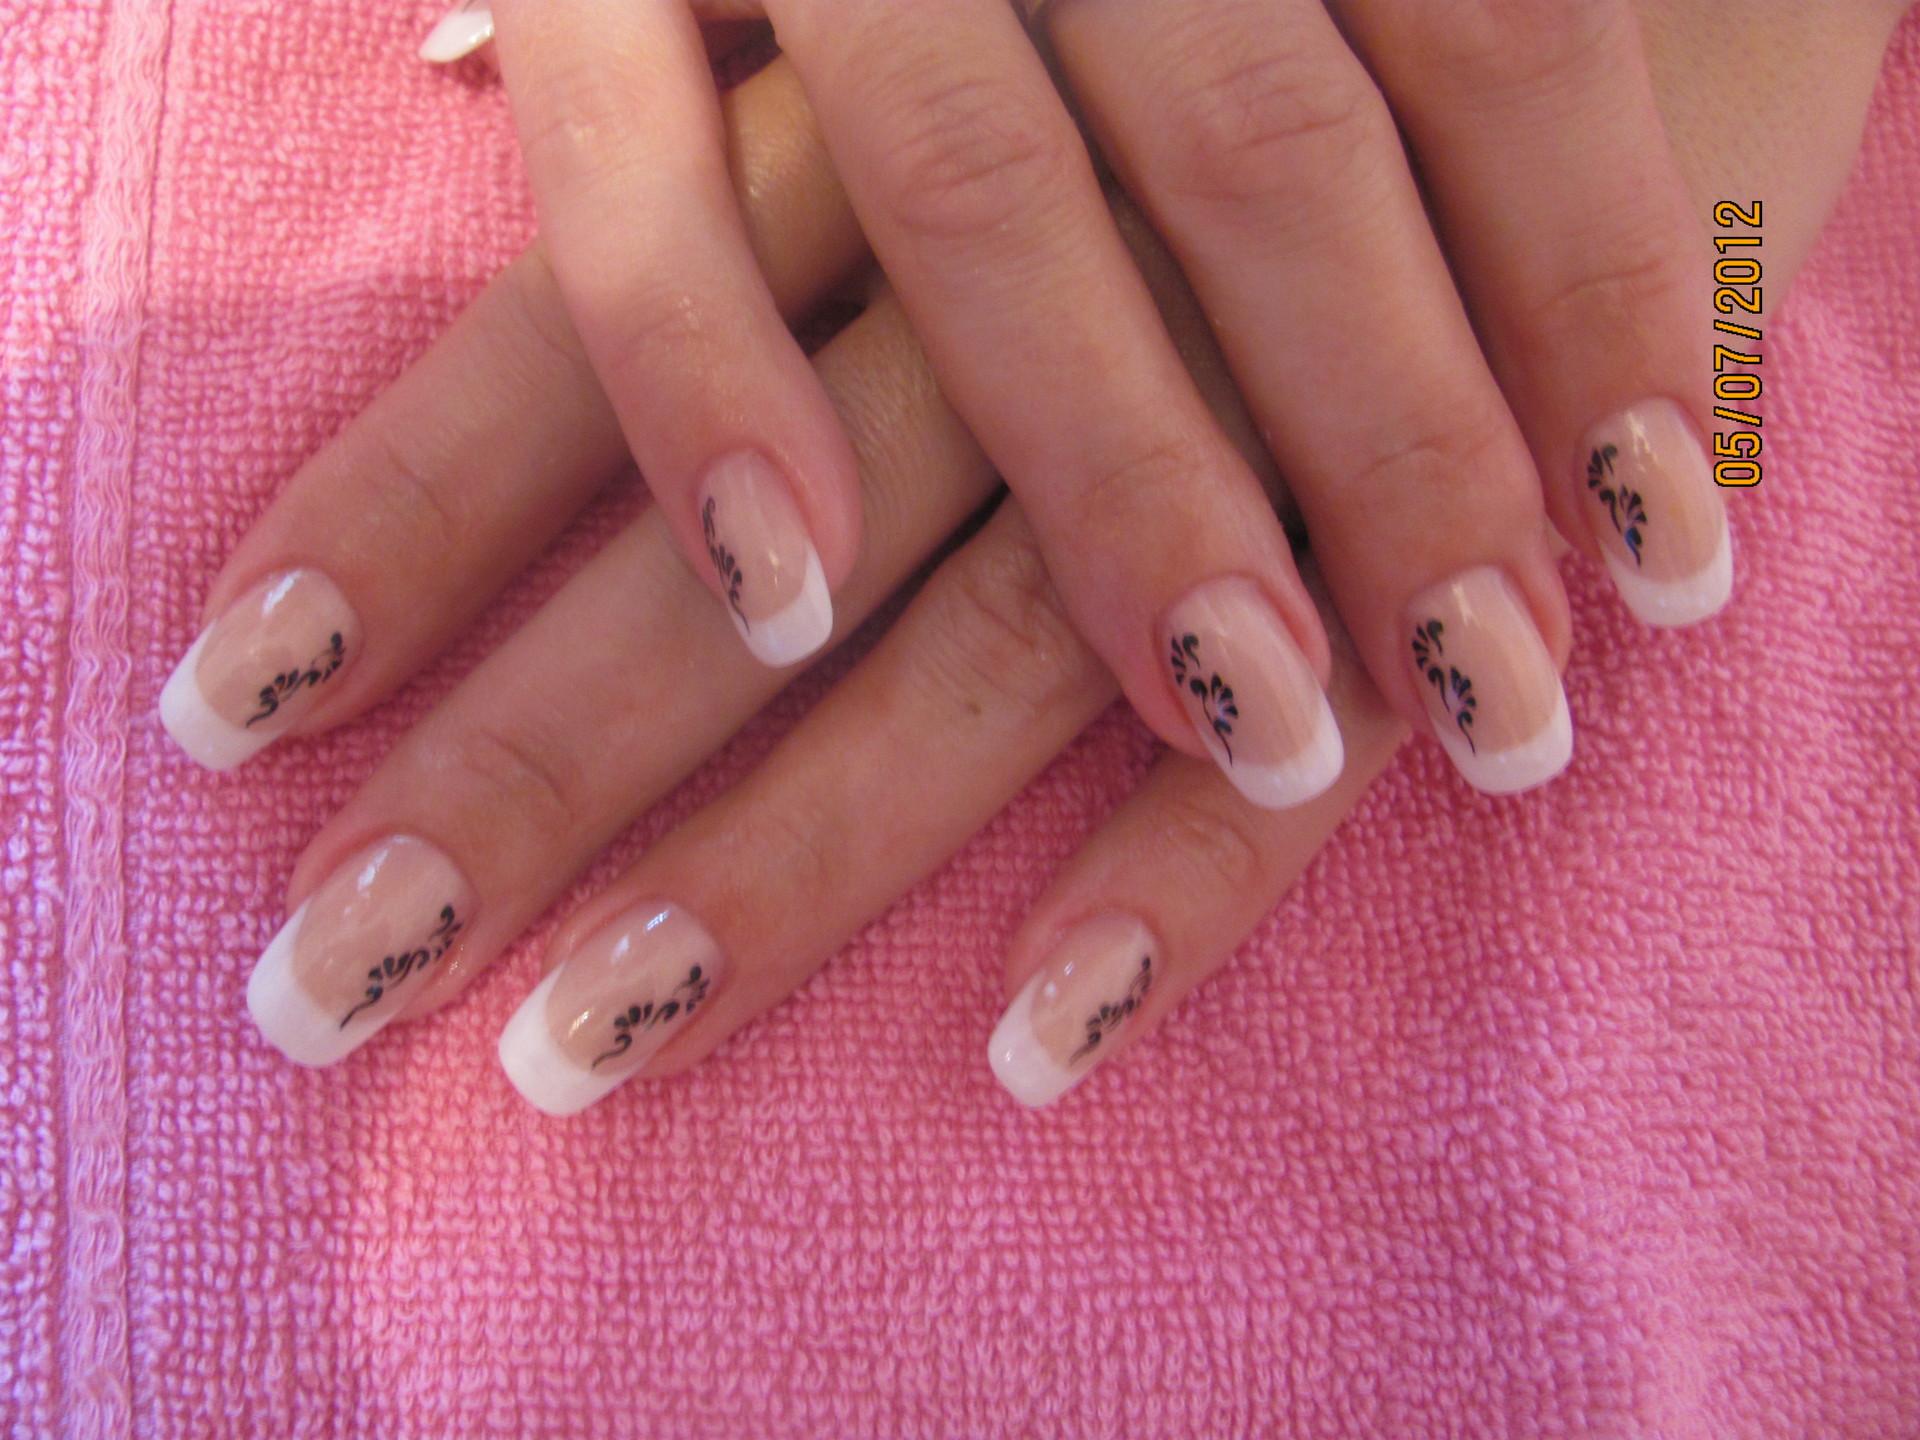 Рисунки на ногтях гель-лаком: свежие фото и инструкции для